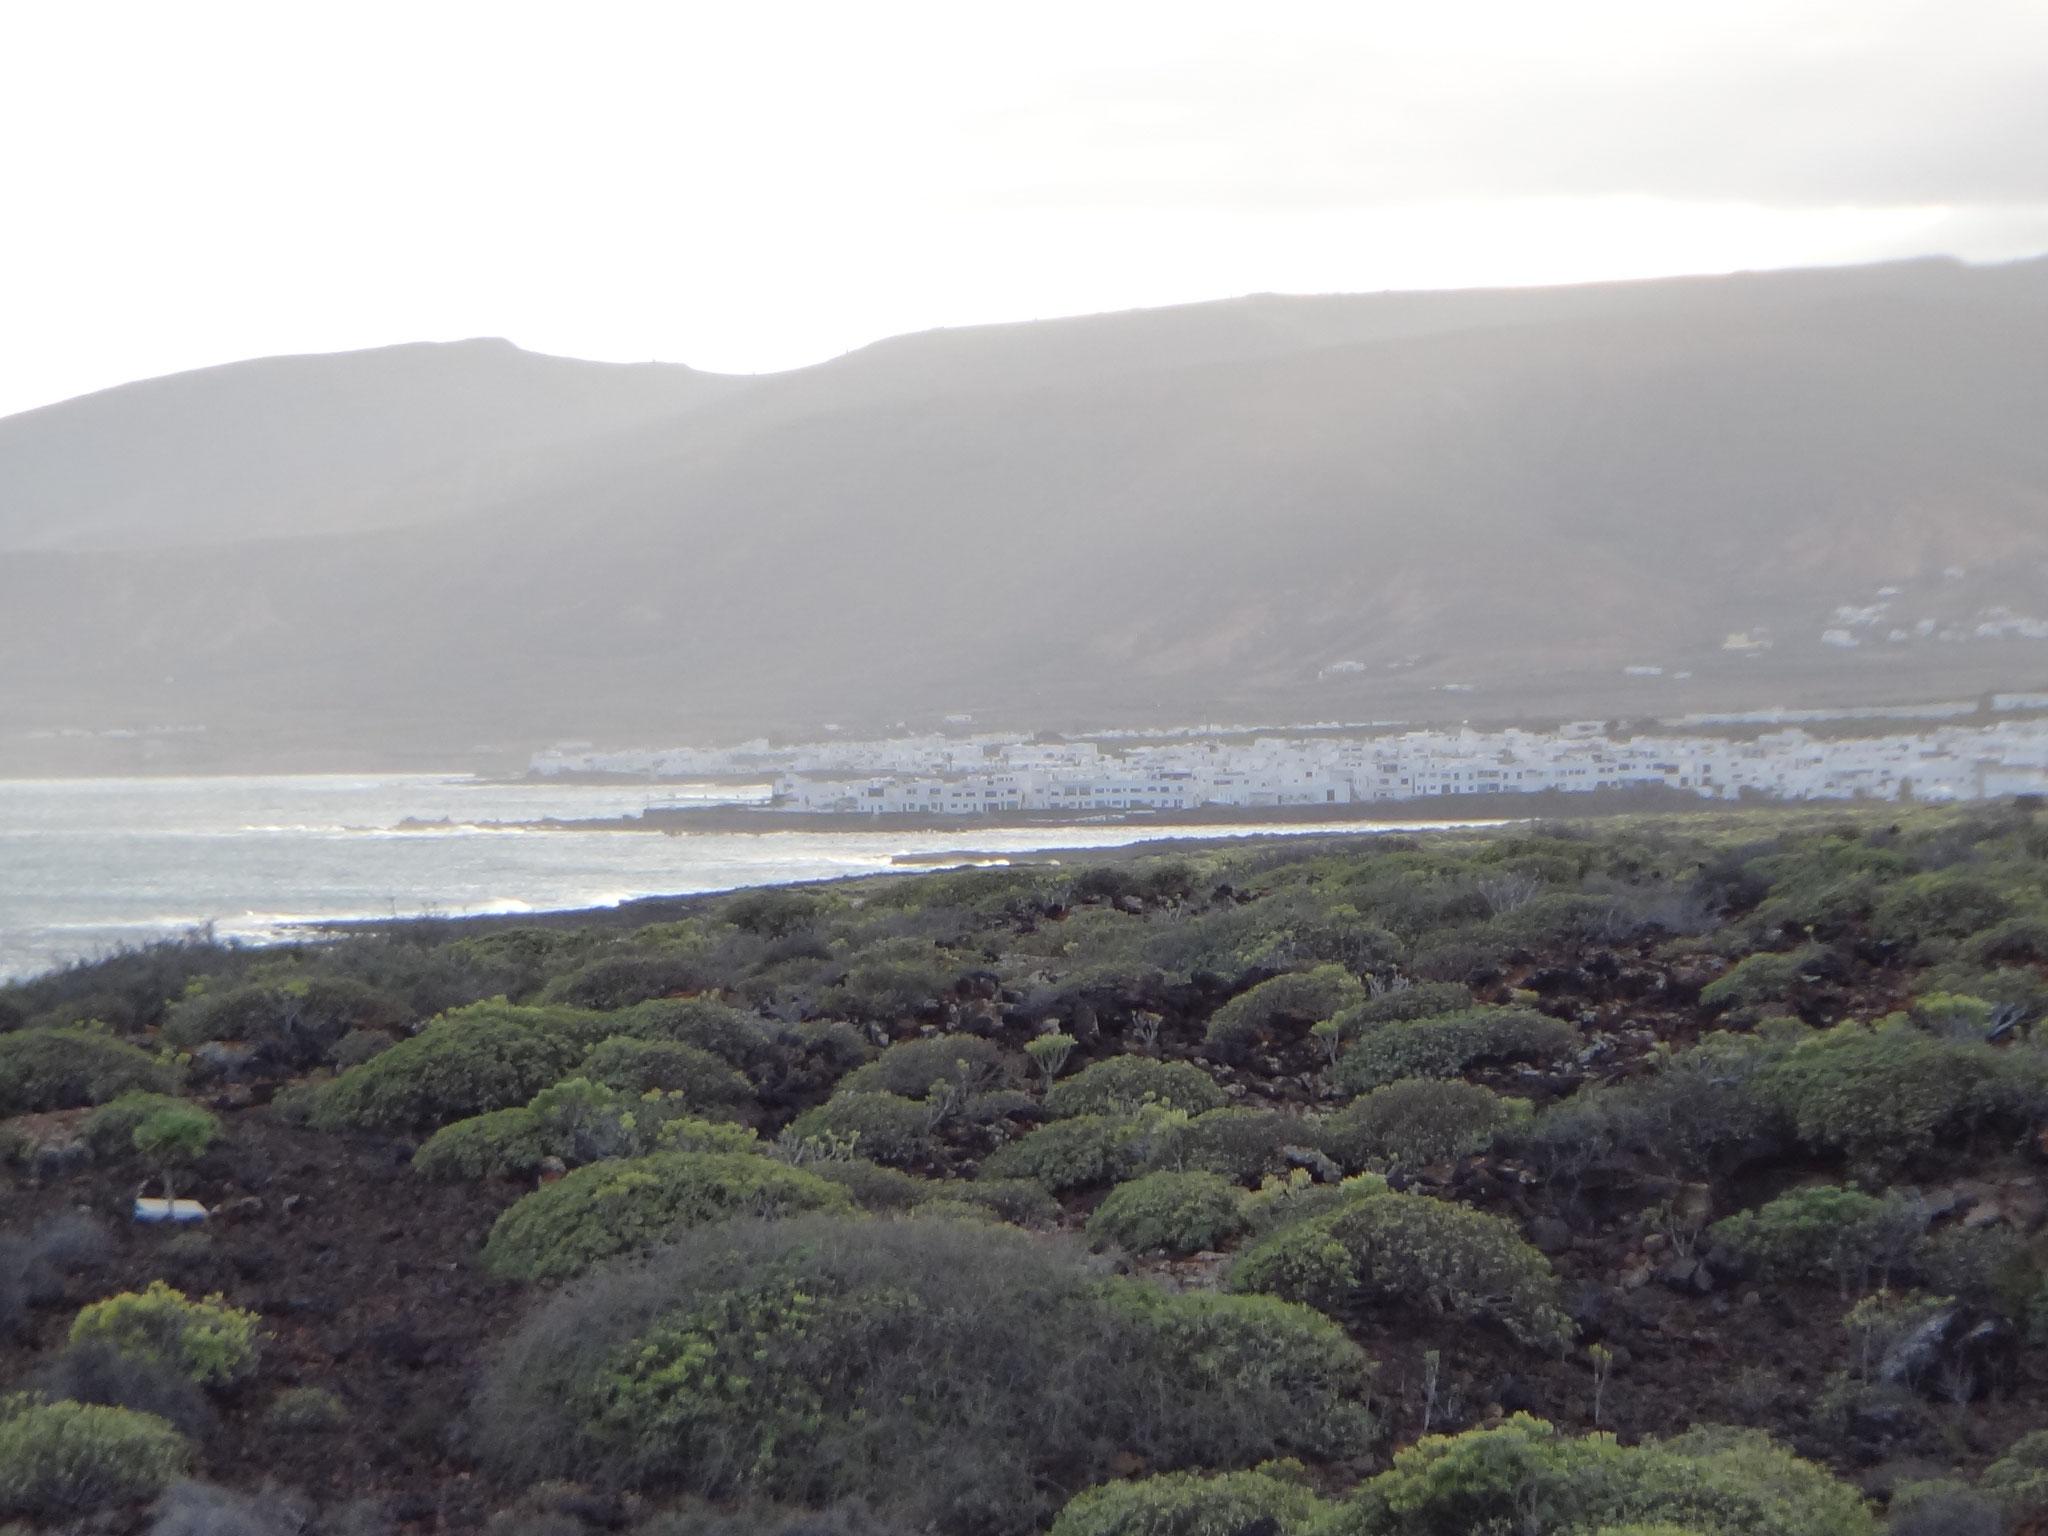 Blick auf die Nachbarorte Punta Mucheres und Arrieta